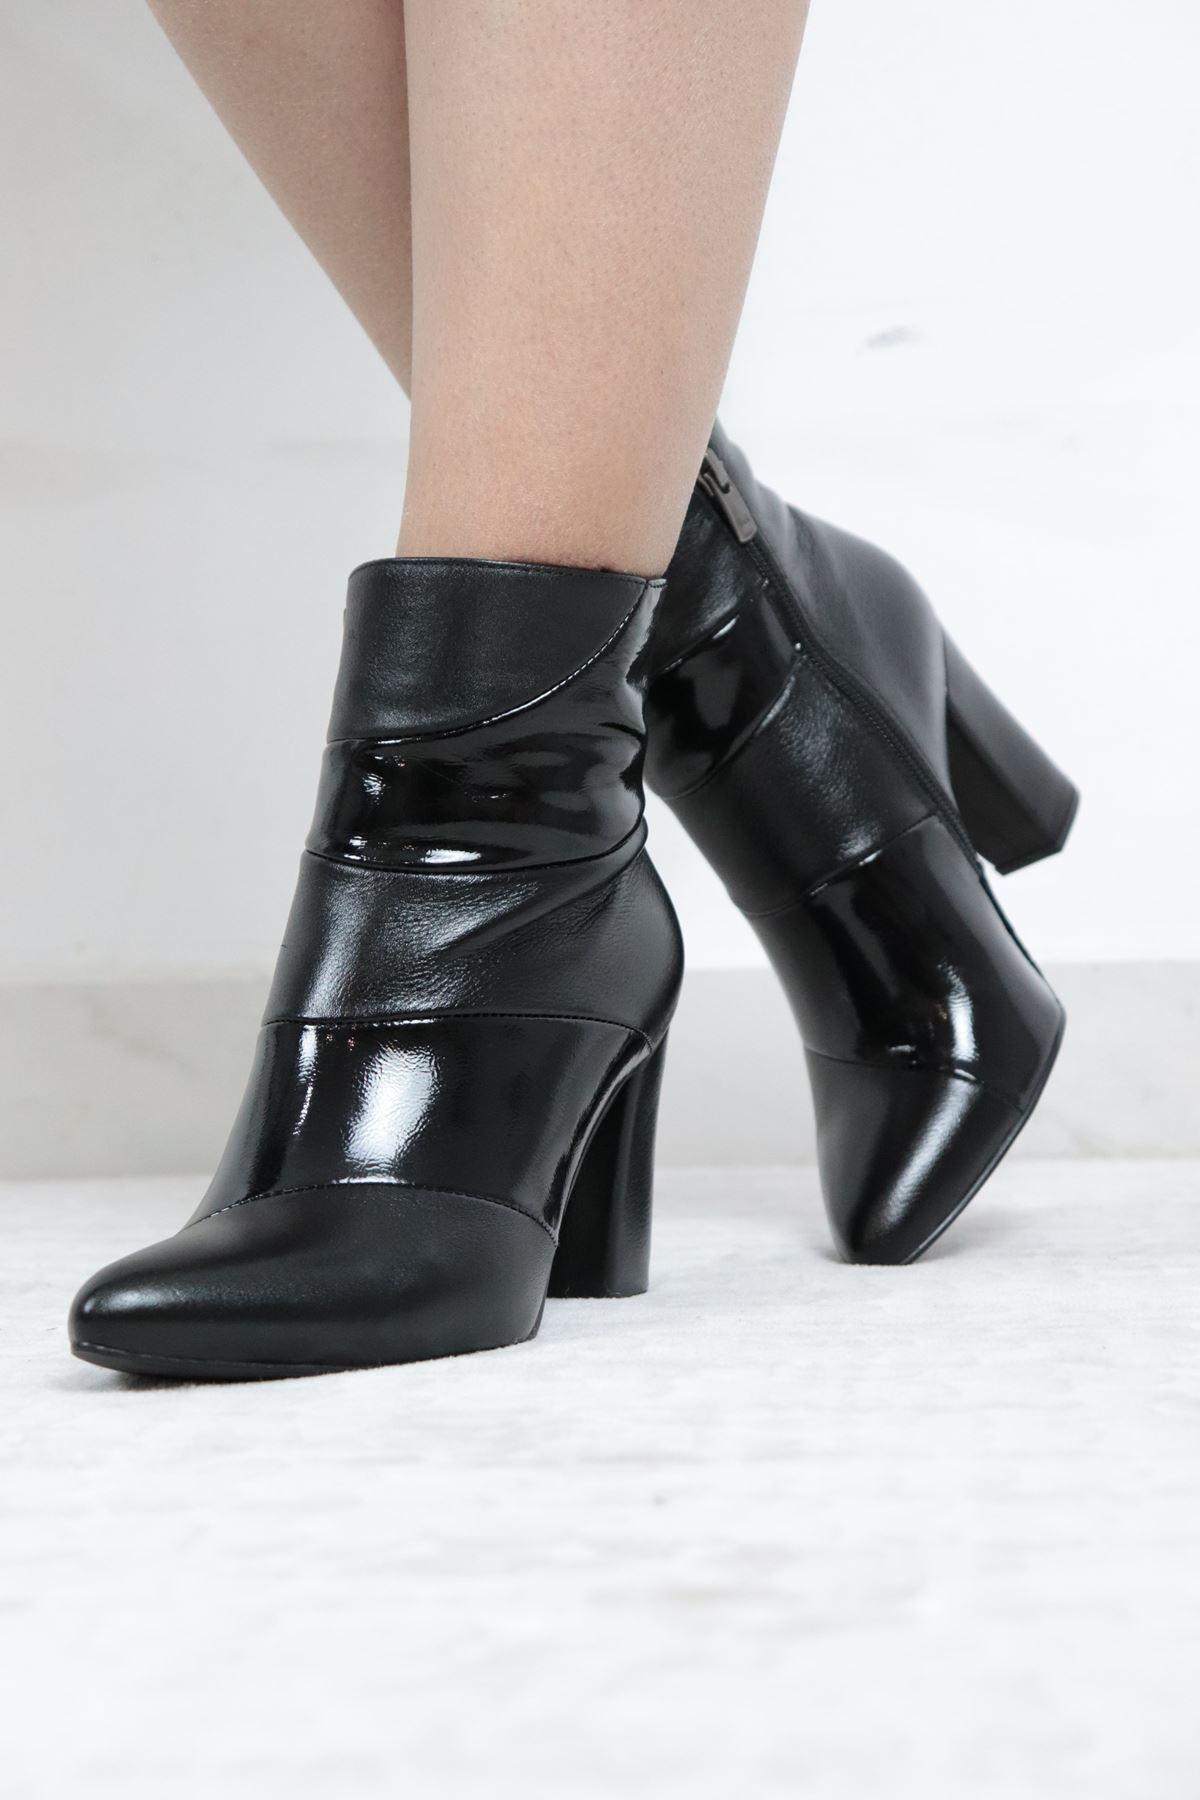 Trendayakkabi - Hakiki Deri Kadın Topuklu Bot